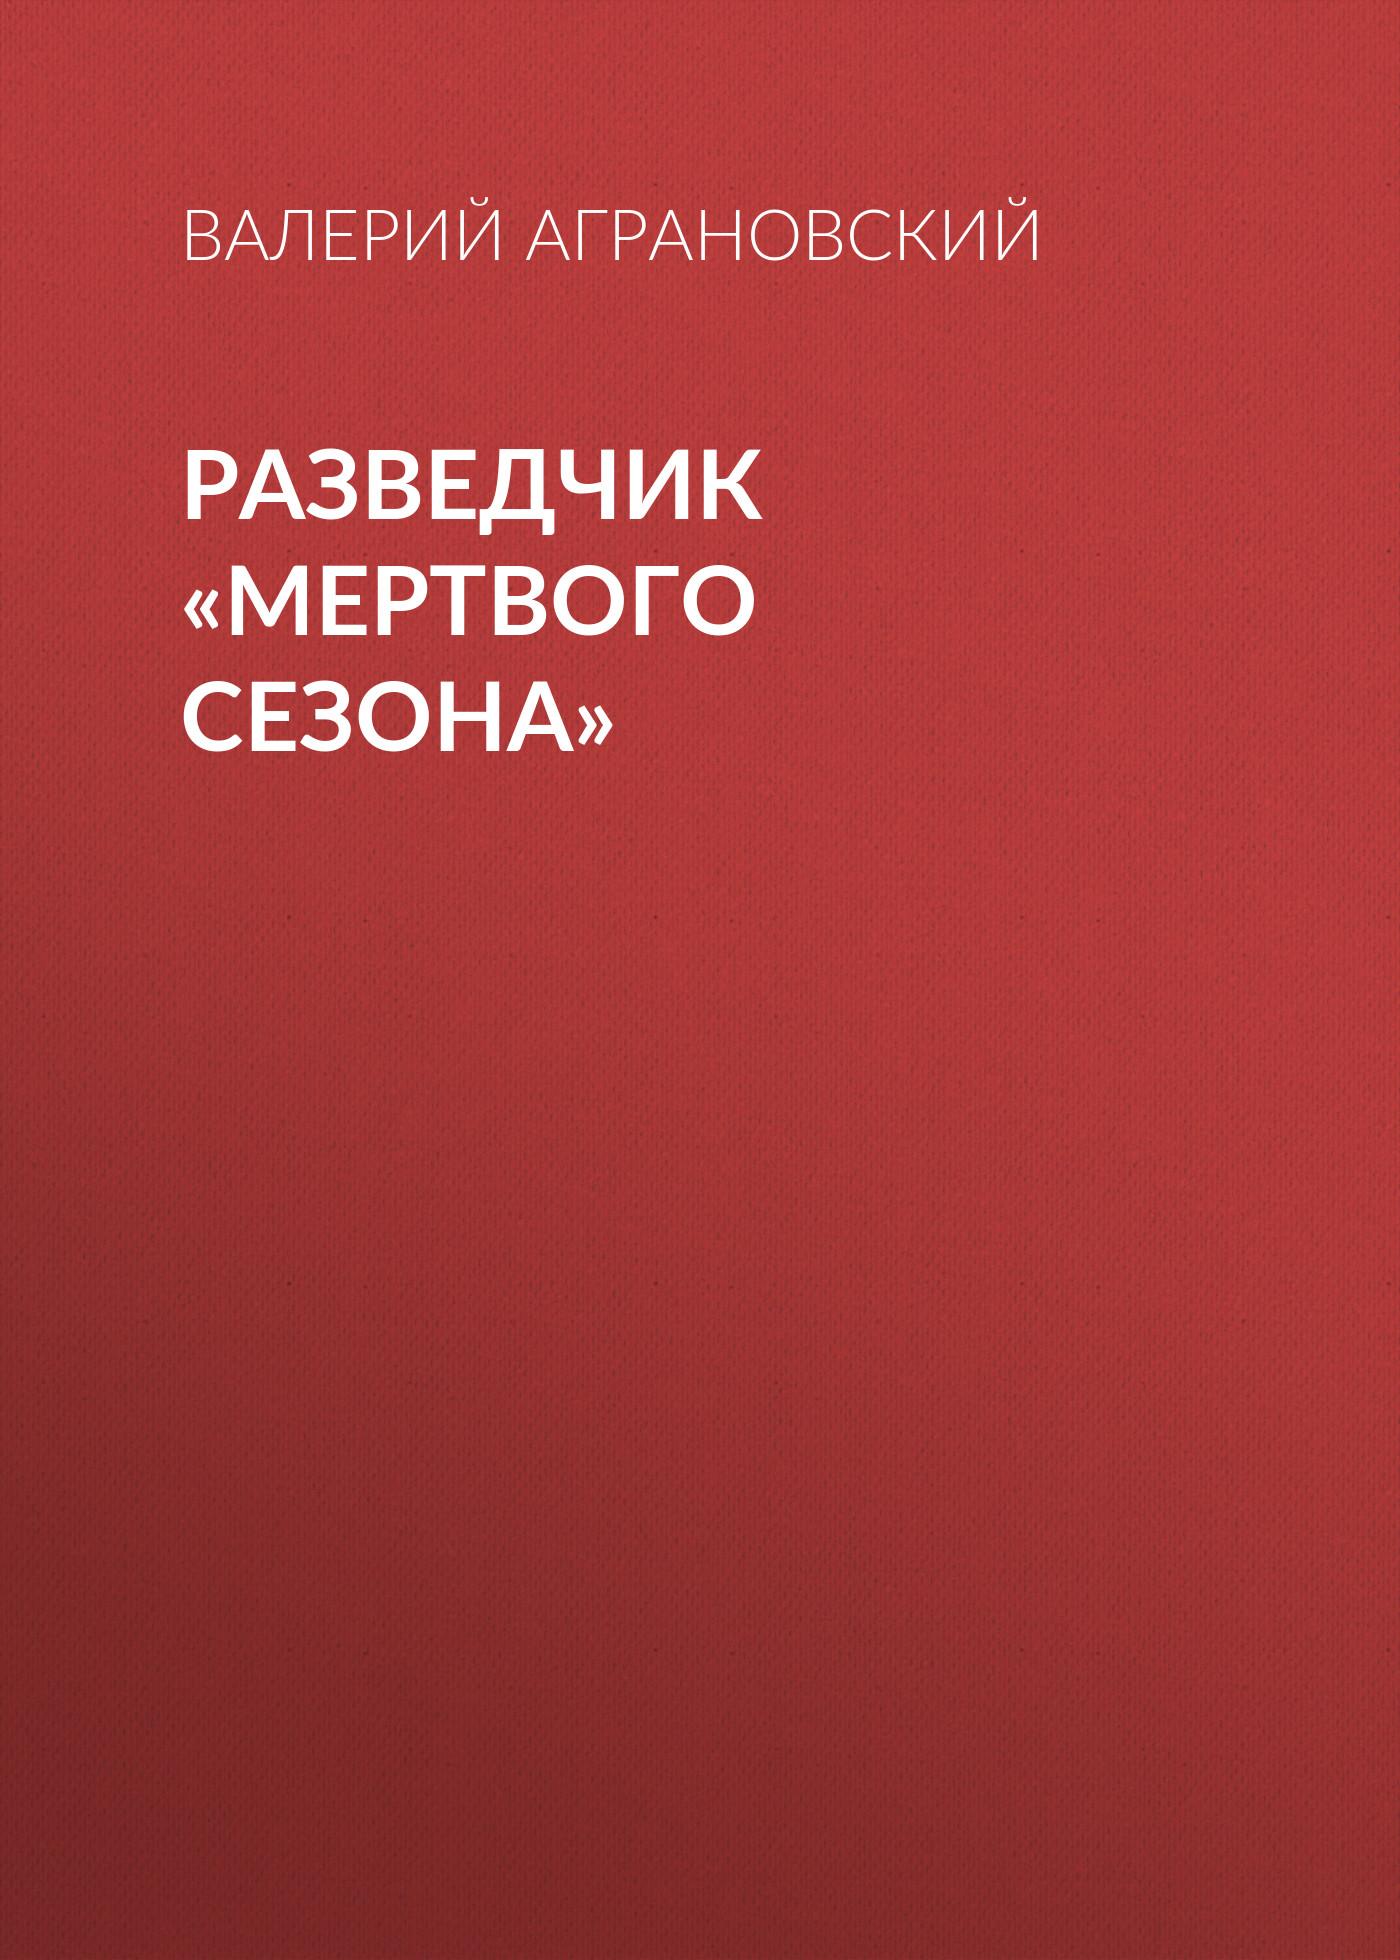 Валерий Аграновский Разведчик «Мертвого сезона»